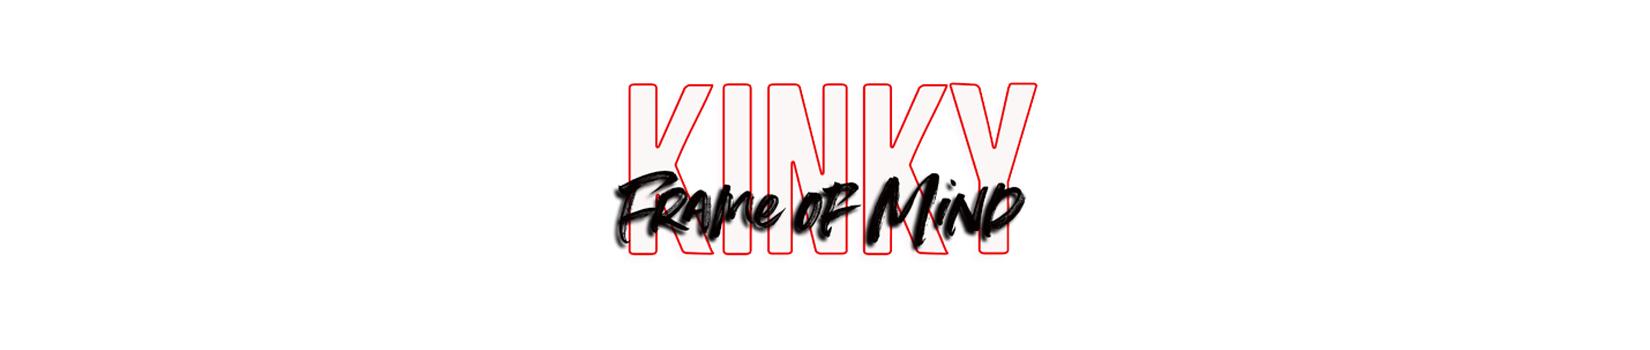 Kinky Frame of Mind